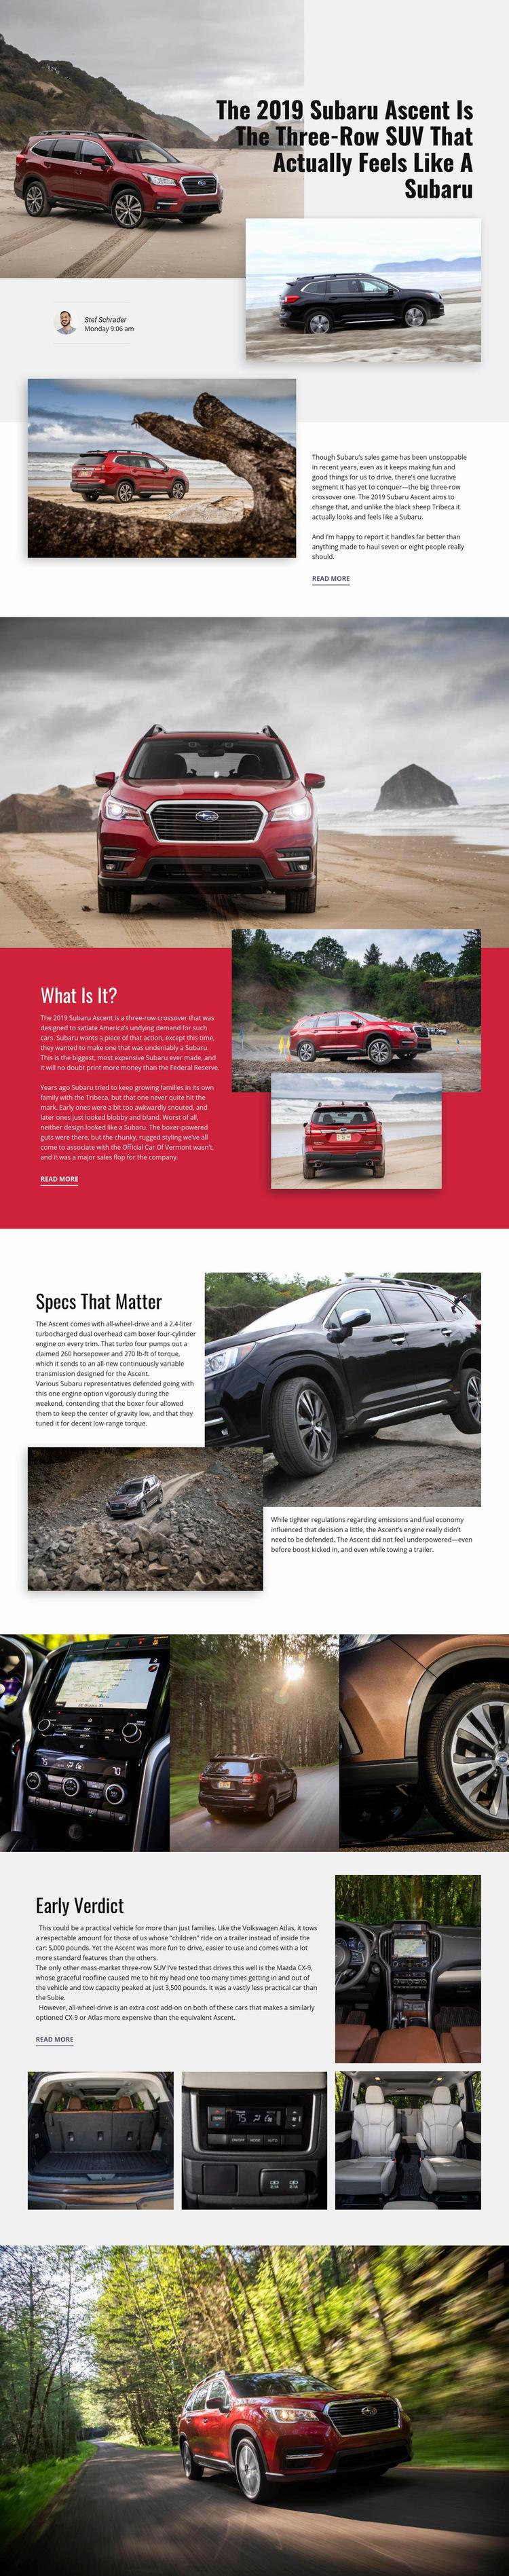 Subaru Web Page Design